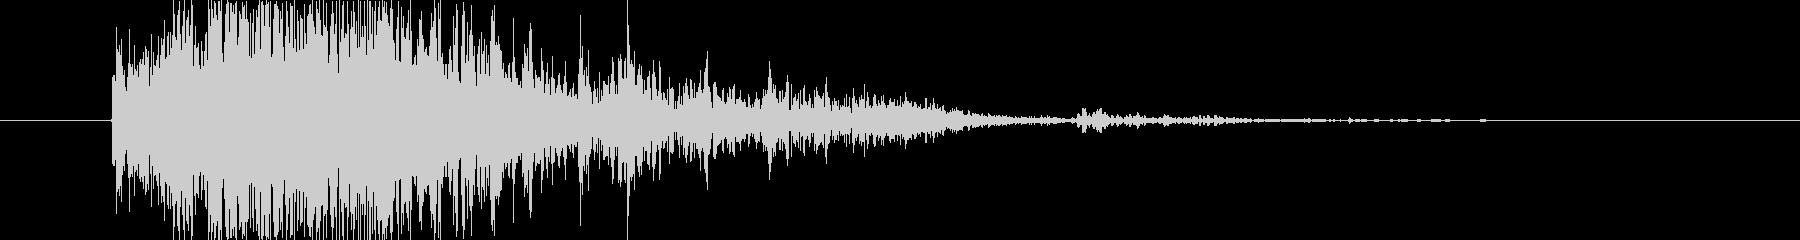 ブレーク ウッドミディアム02の未再生の波形